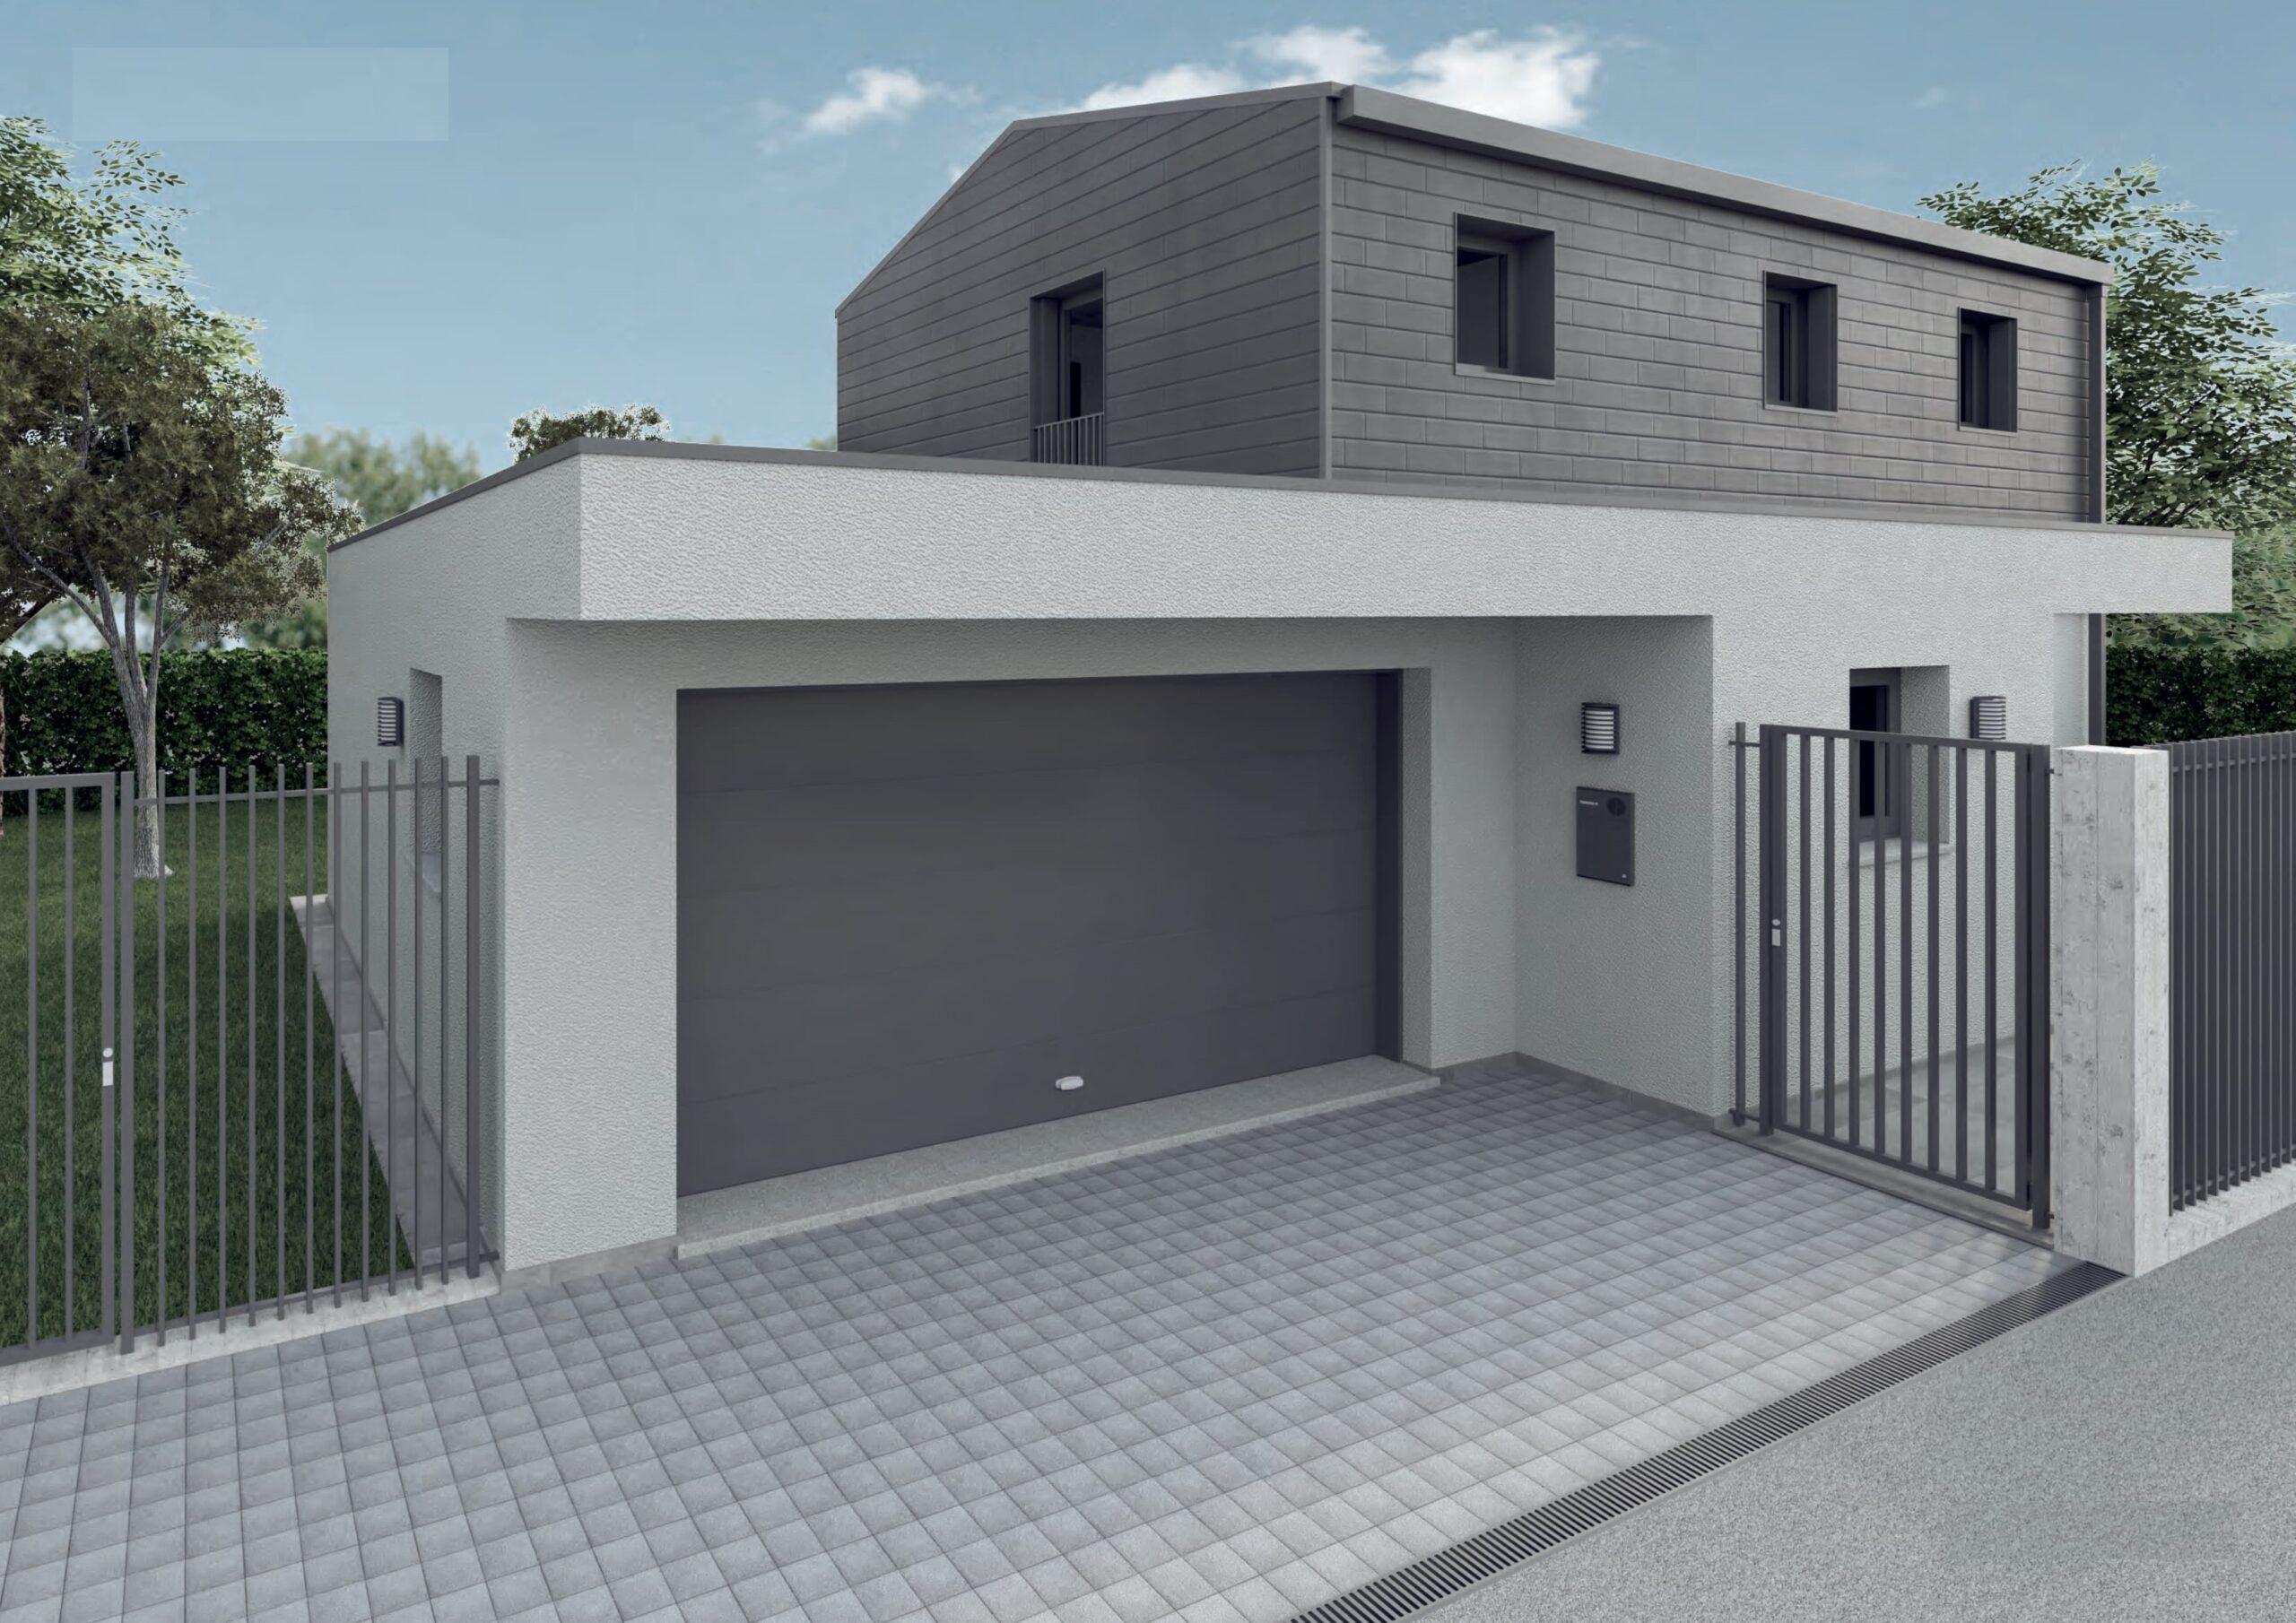 villa singola giardino nuova costruzione